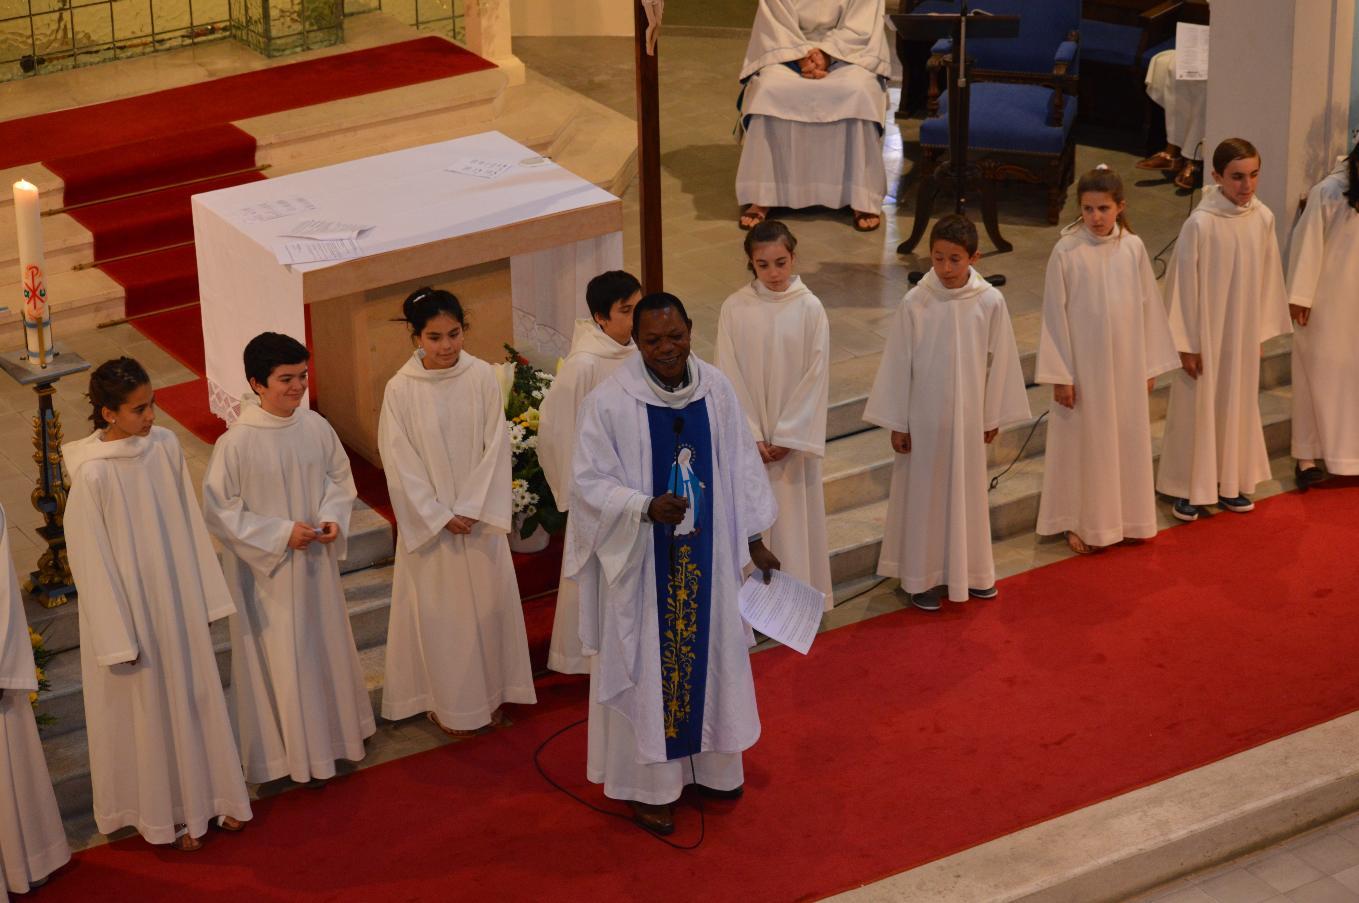 L'abbé Roger explique le signe de la Croix que les enfants vont recevoir